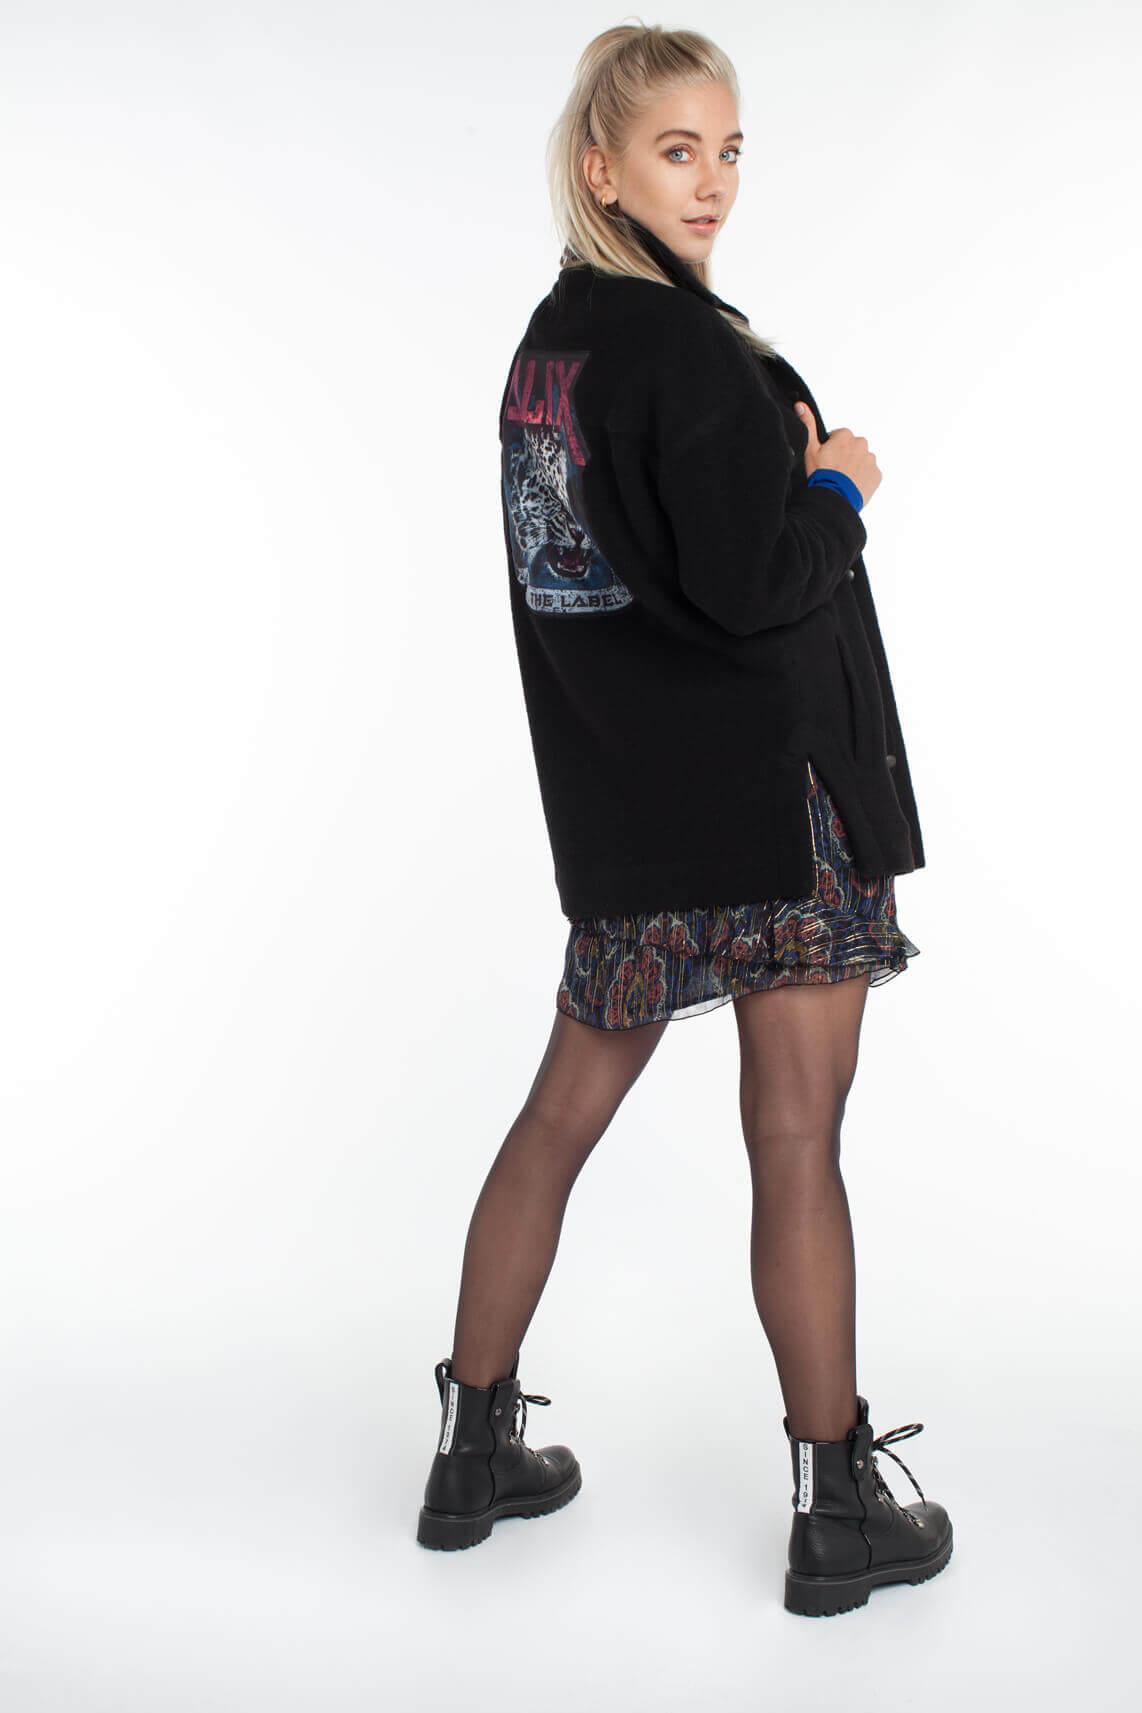 Alix The Label Dames Vilten jack met opdruk zwart